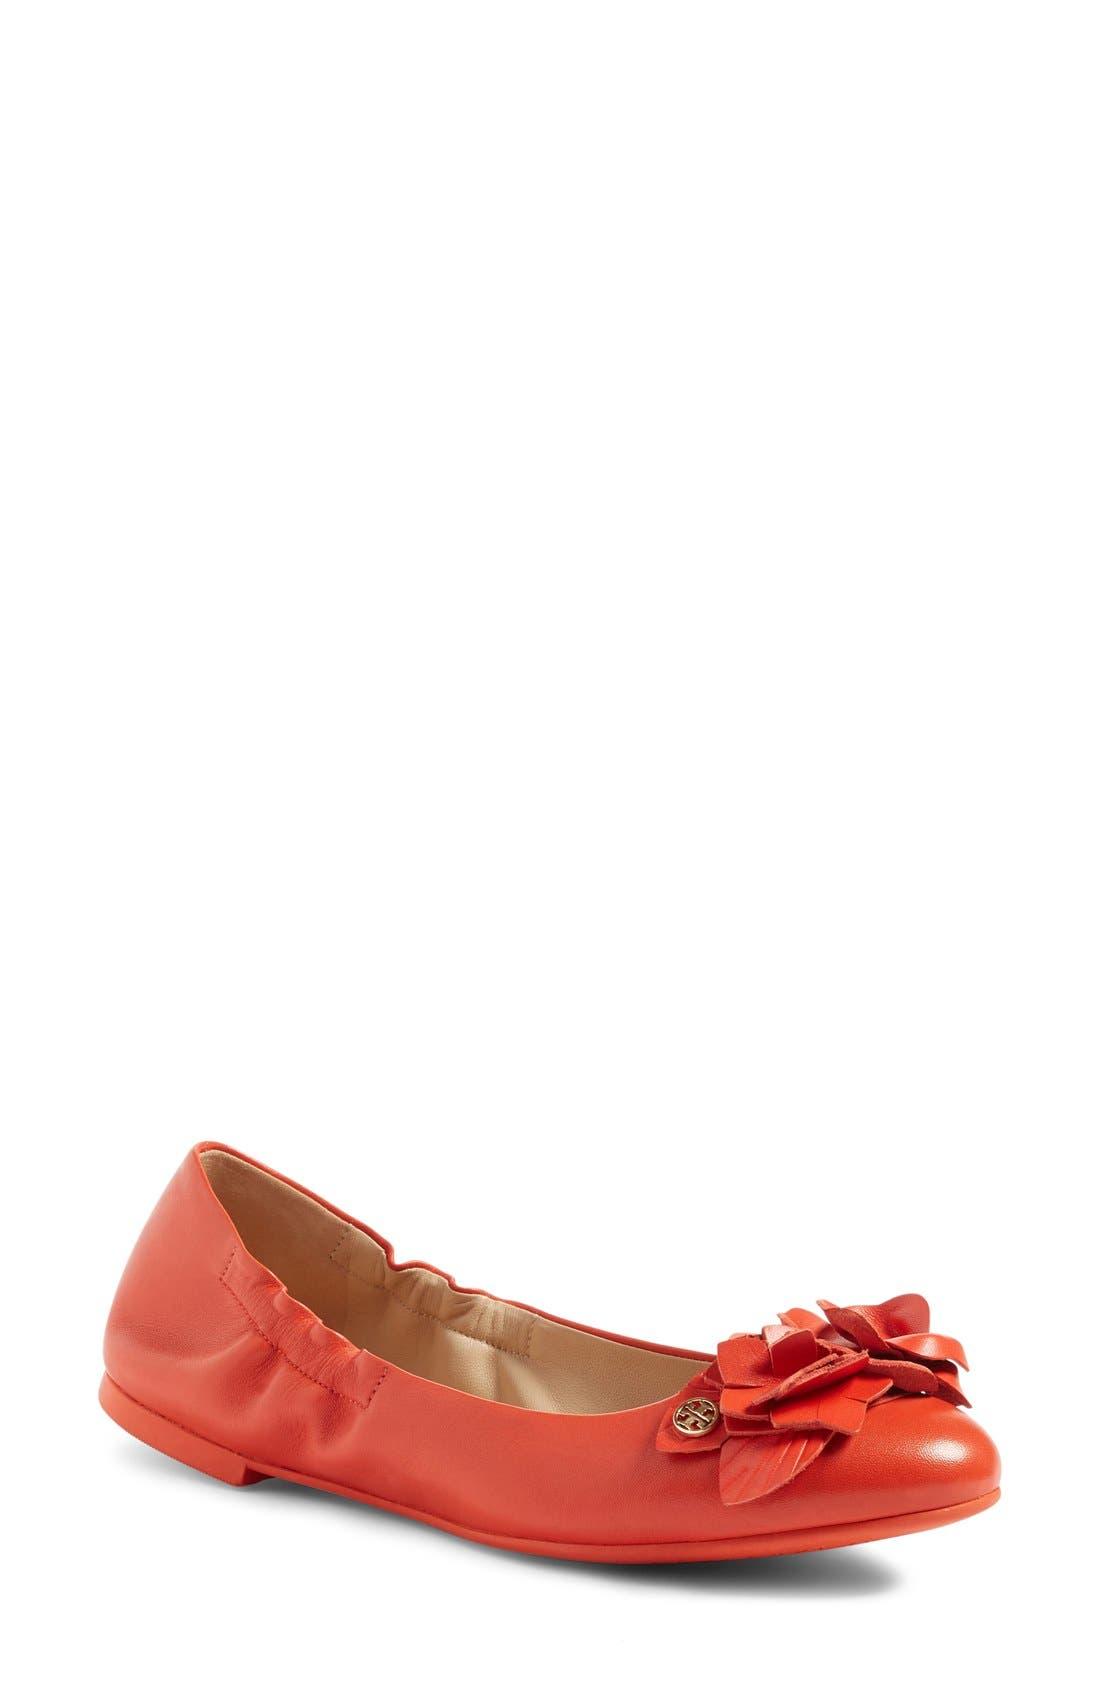 Main Image - Tory Burch 'Blossom' Ballet Flat (Women)